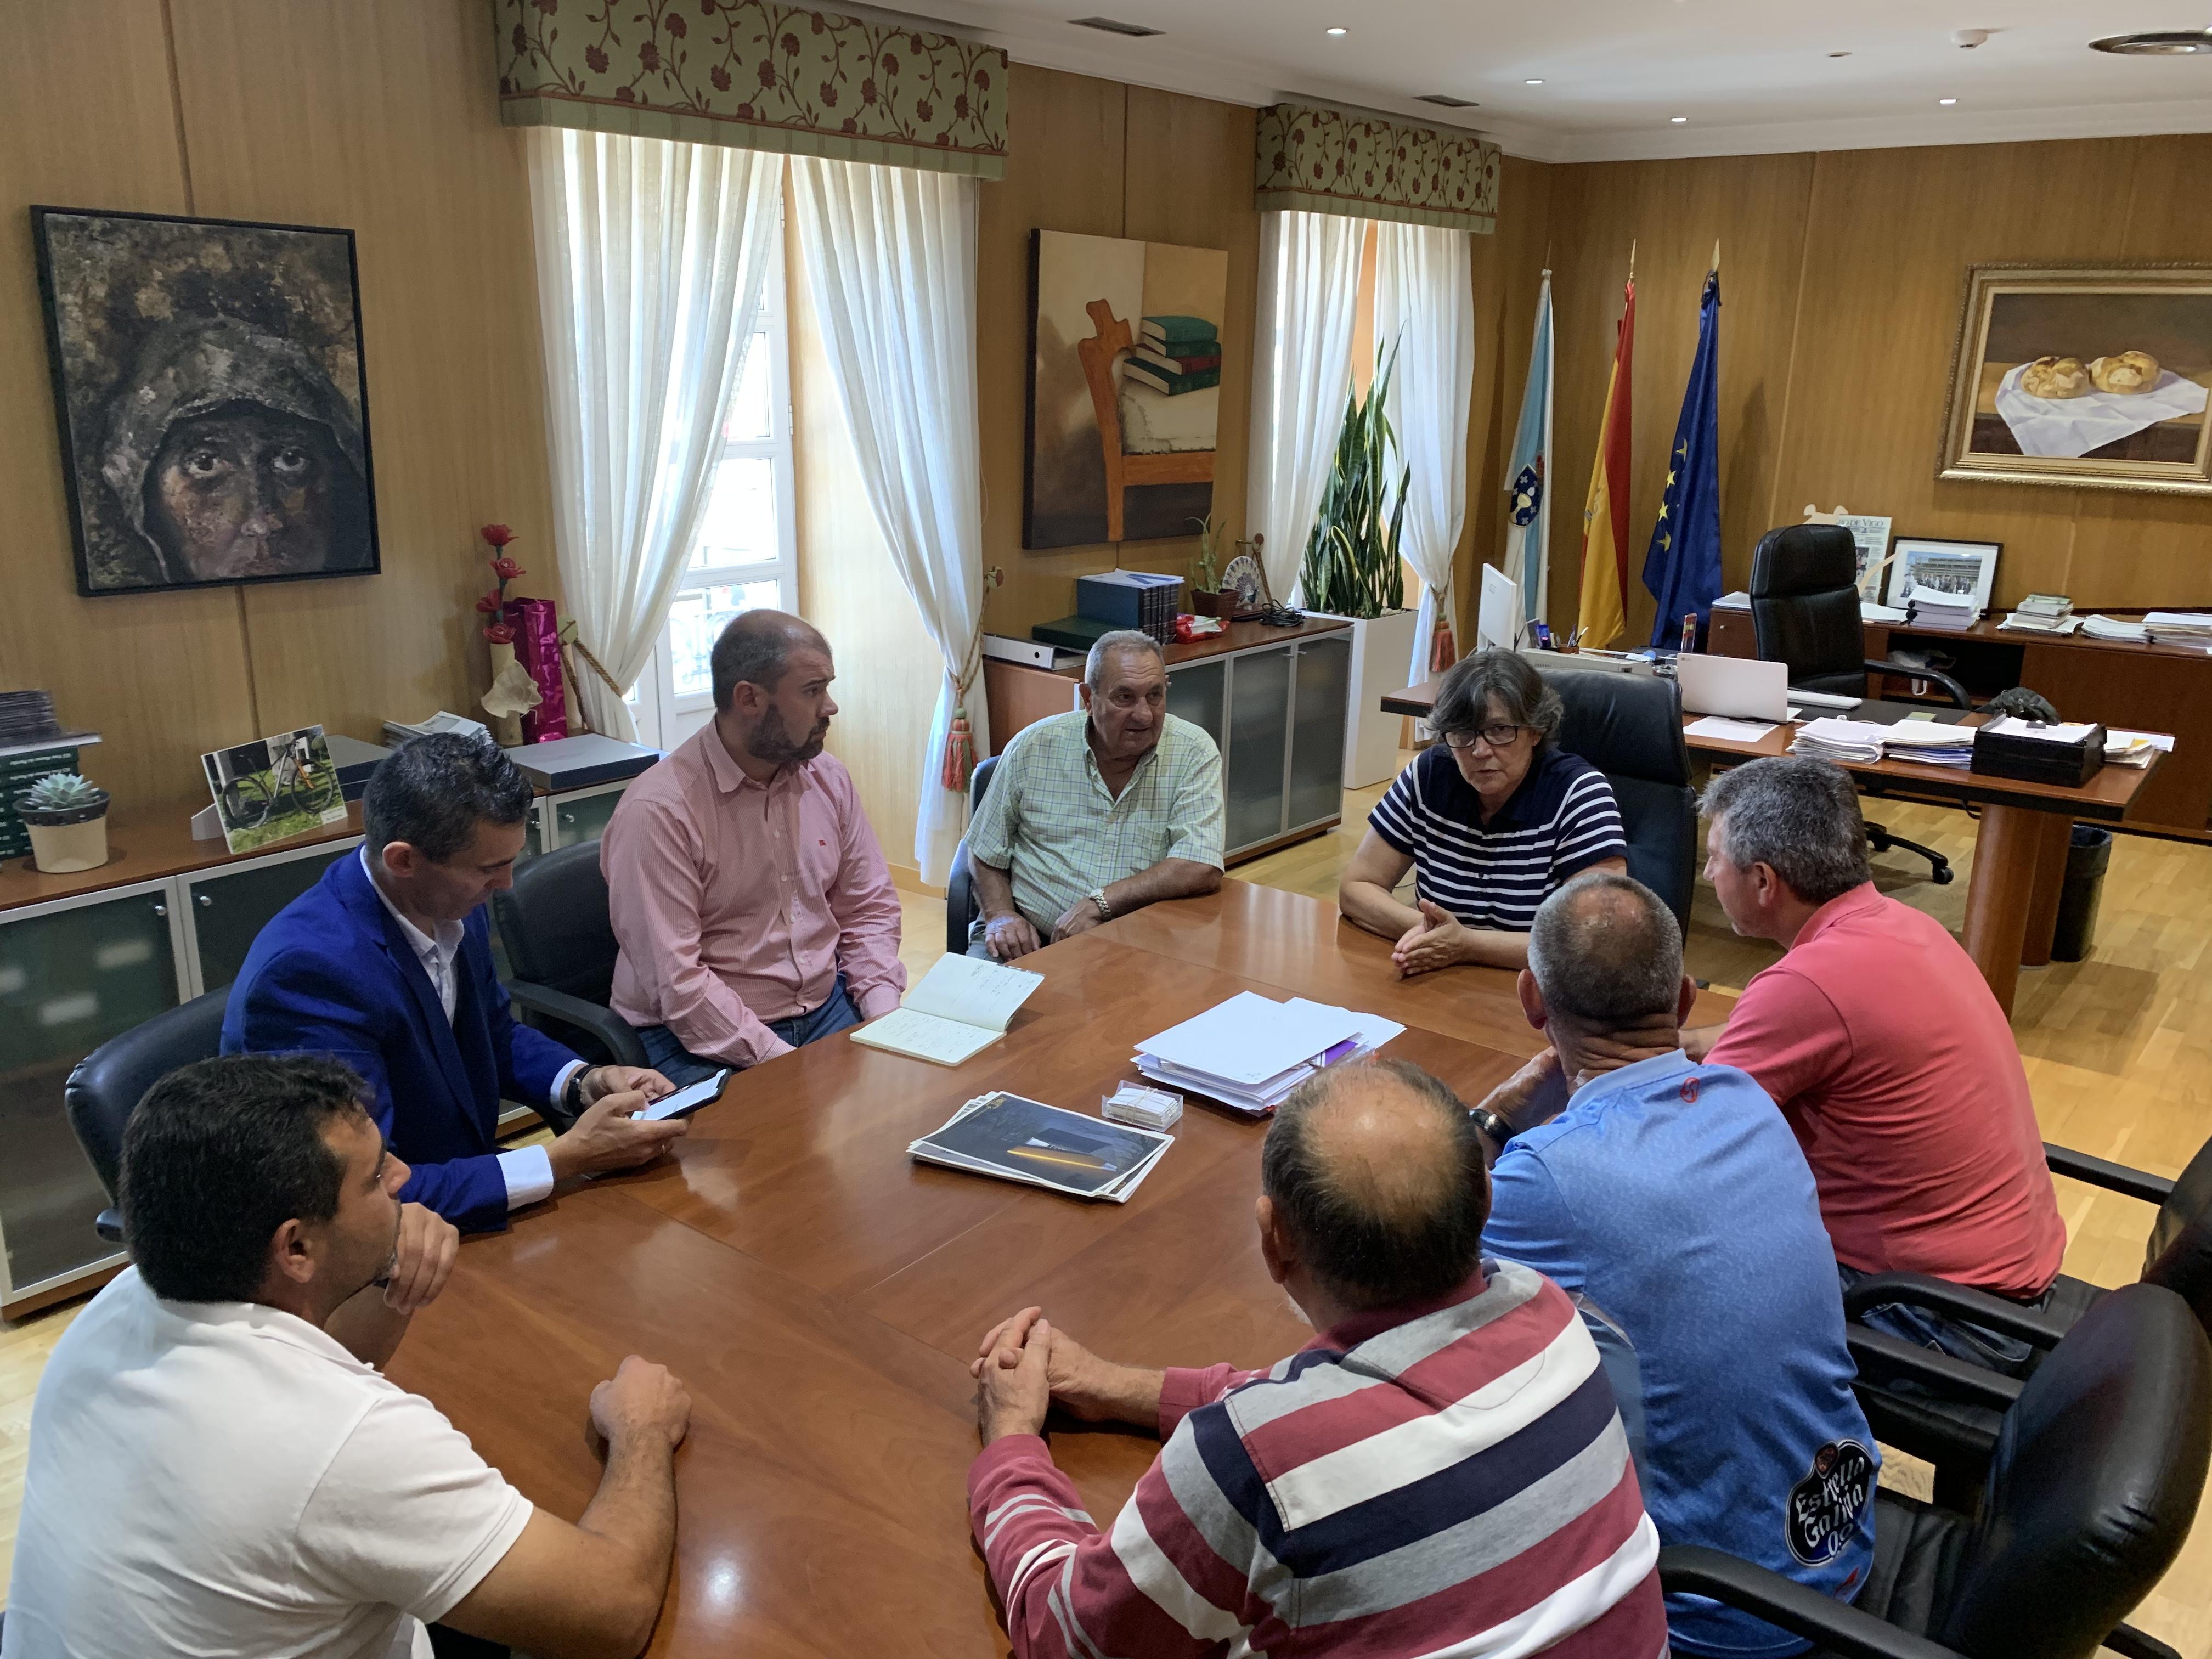 A alcaldesa do Porriño reclama por carta á Xunta de Galicia as melloras prometidas na travesía de A Vaquería  e garante o pleno respaldo do Concello ás reivindicacións veciñais